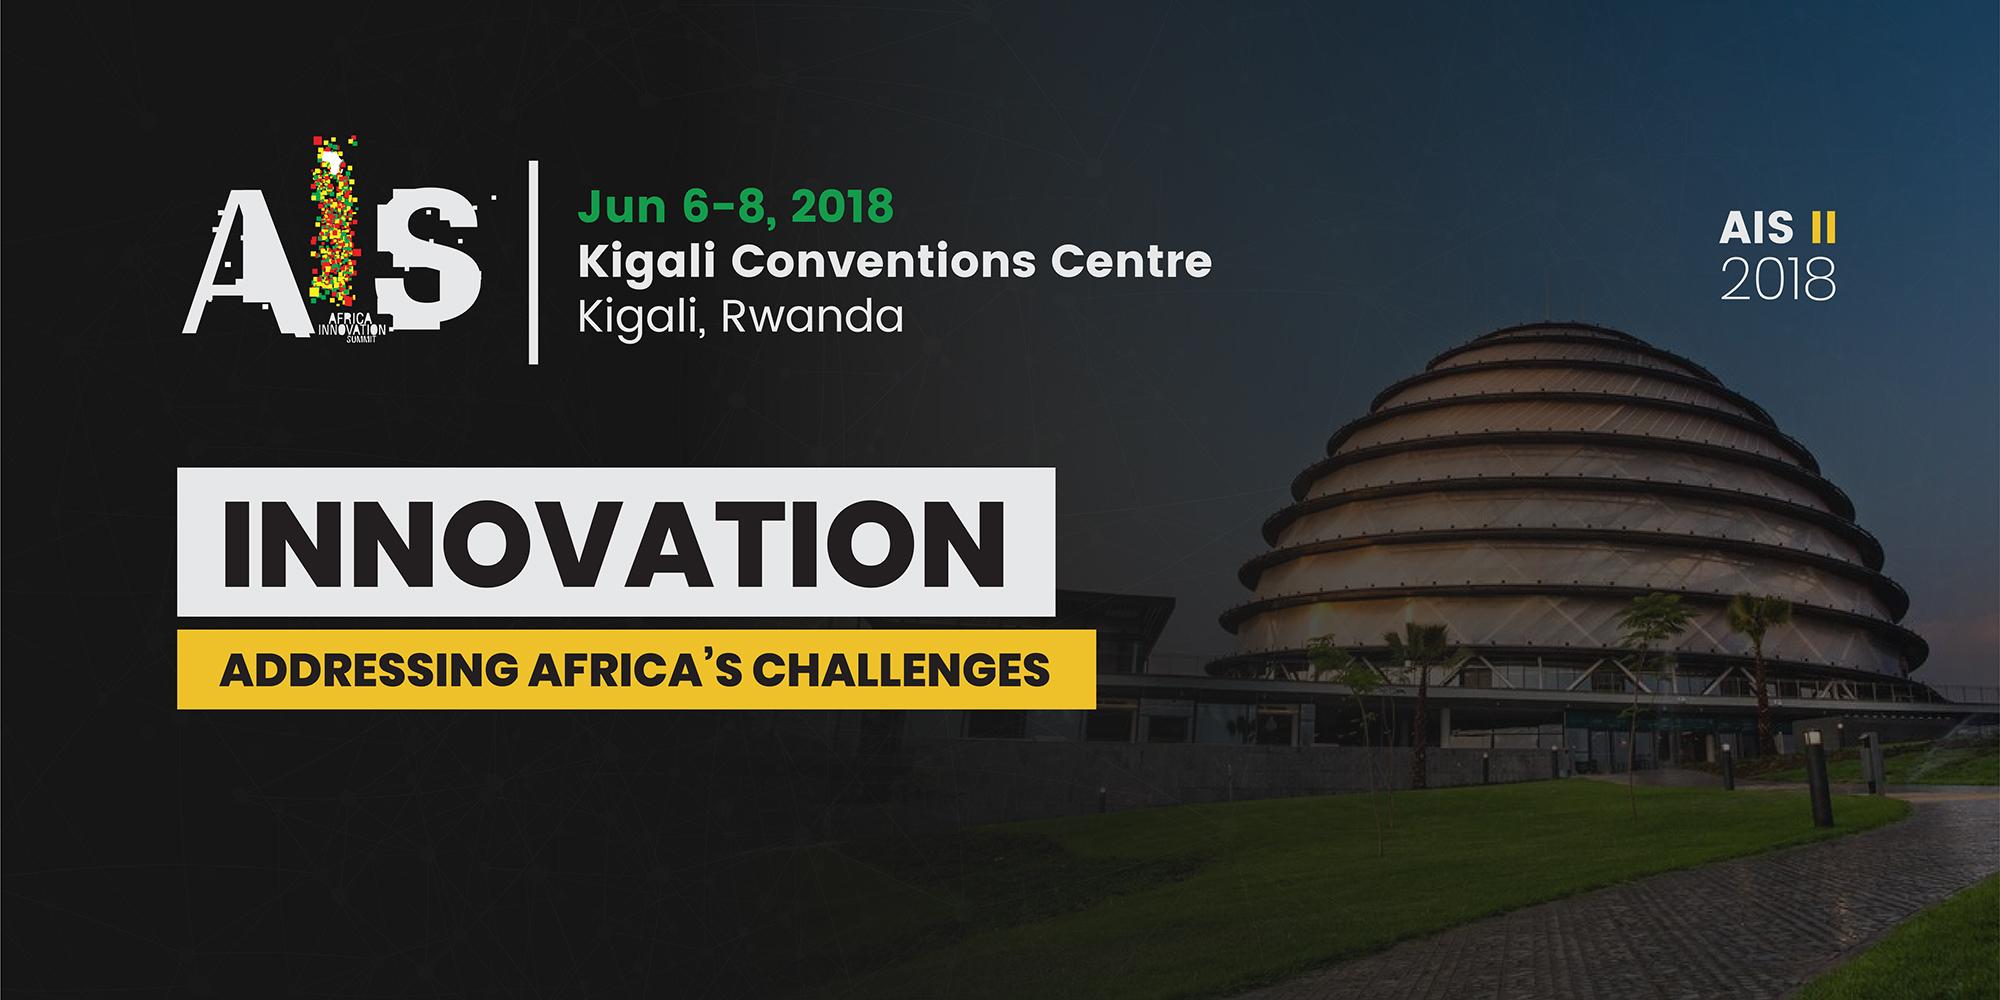 مؤتمر الابتكار الإفريقي (AIS)